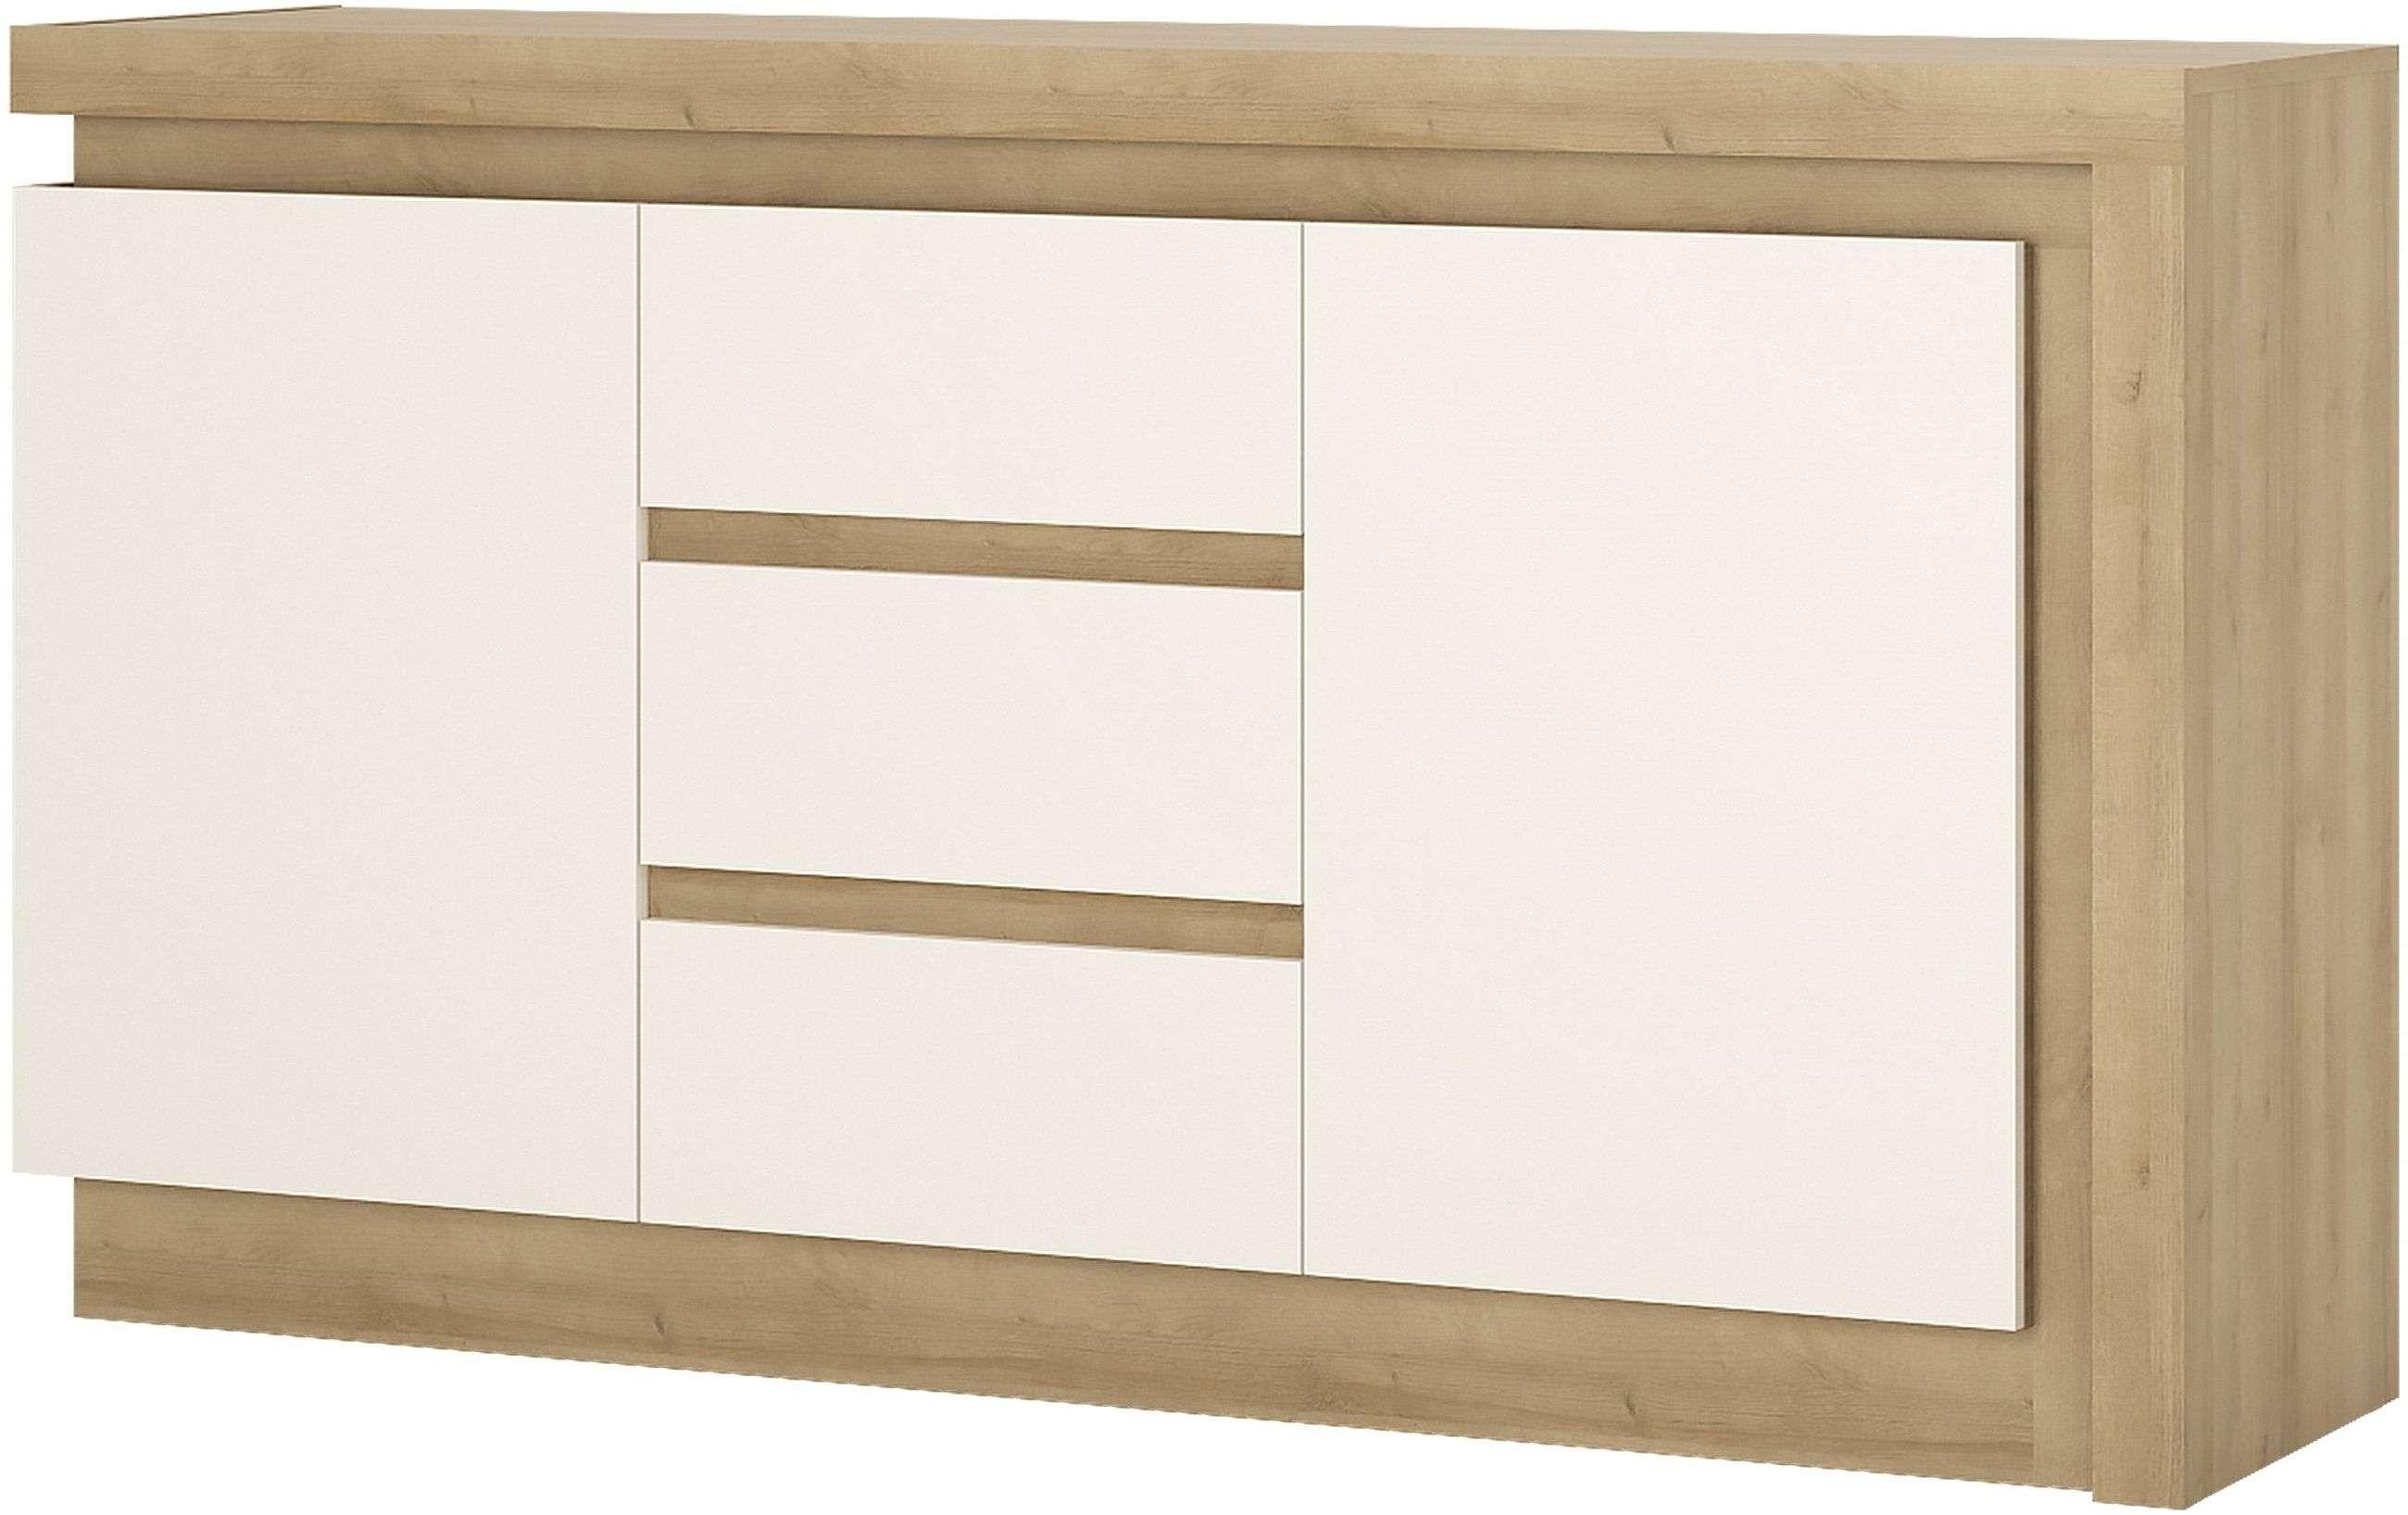 Buy Lyon Riviera Oak And White High Gloss Sideboard – 2 Door 3 For High White Gloss Sideboards (View 14 of 20)